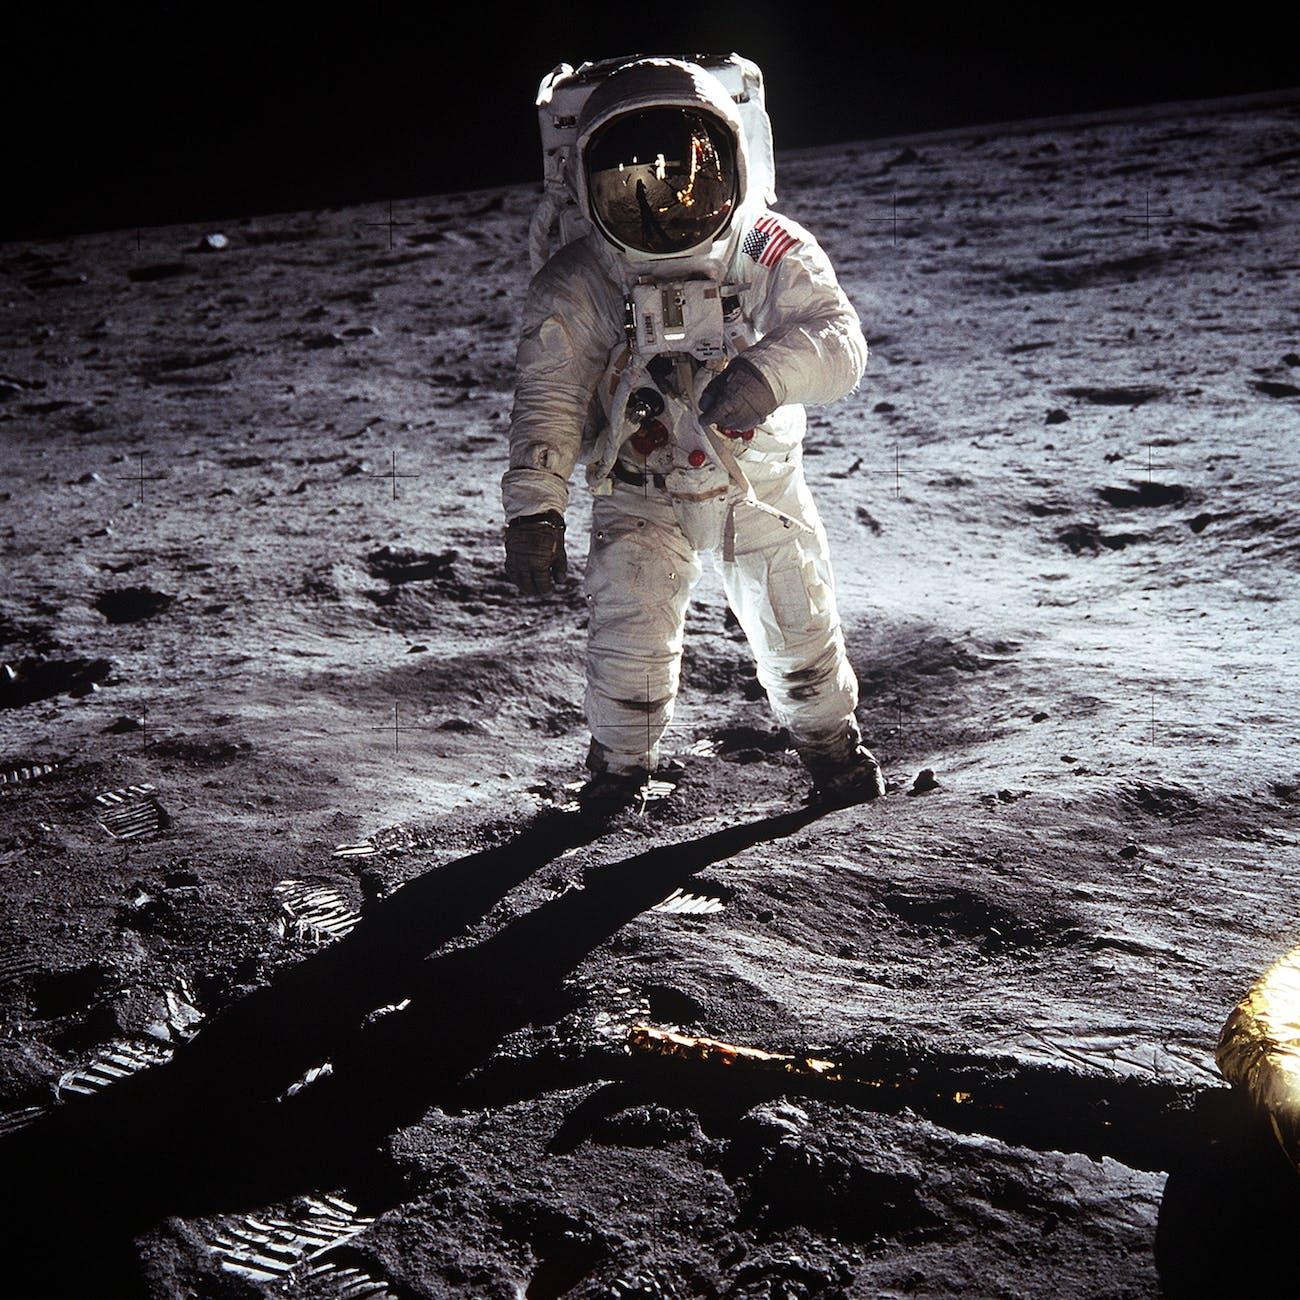 Які на смак овочі вирощені у космосі?